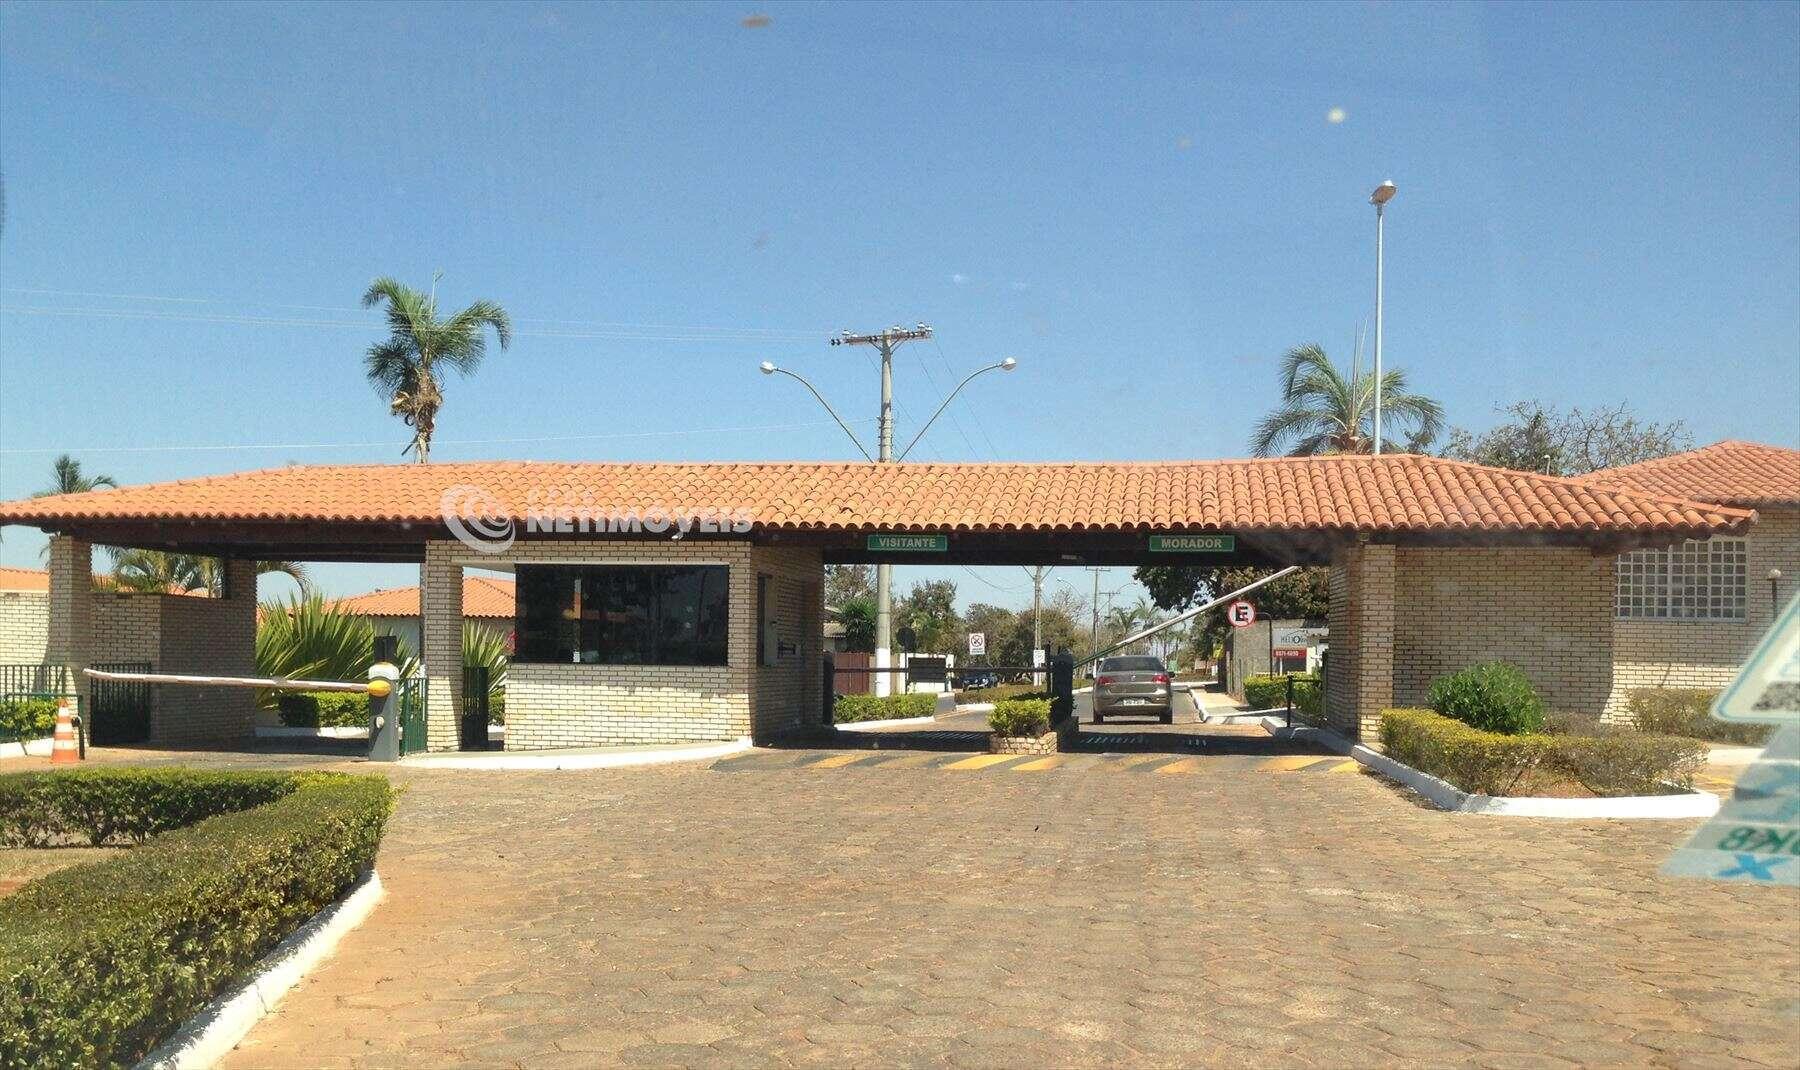 lote em condomínio,lote-área-terreno,distrito federal,setor habitacional tororó,brasília,